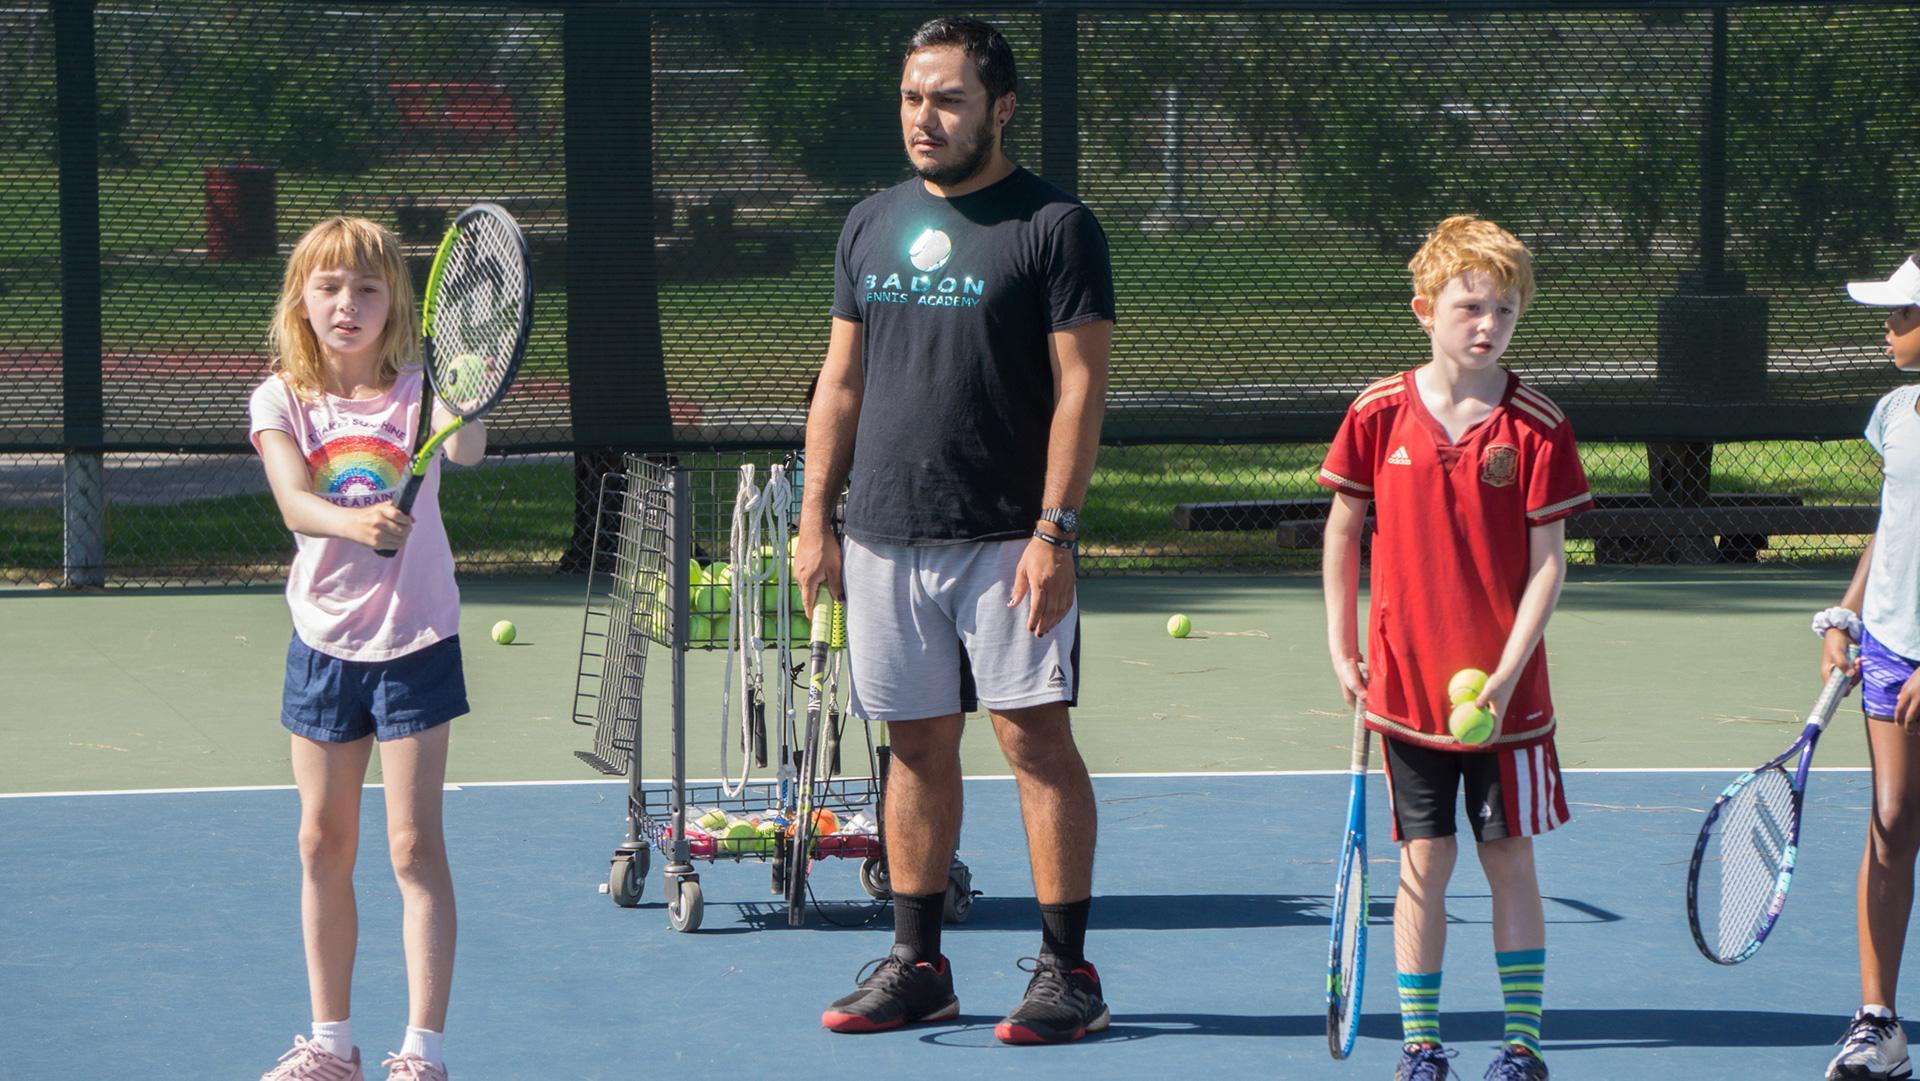 Gerald Sawyer teaches tennis on court